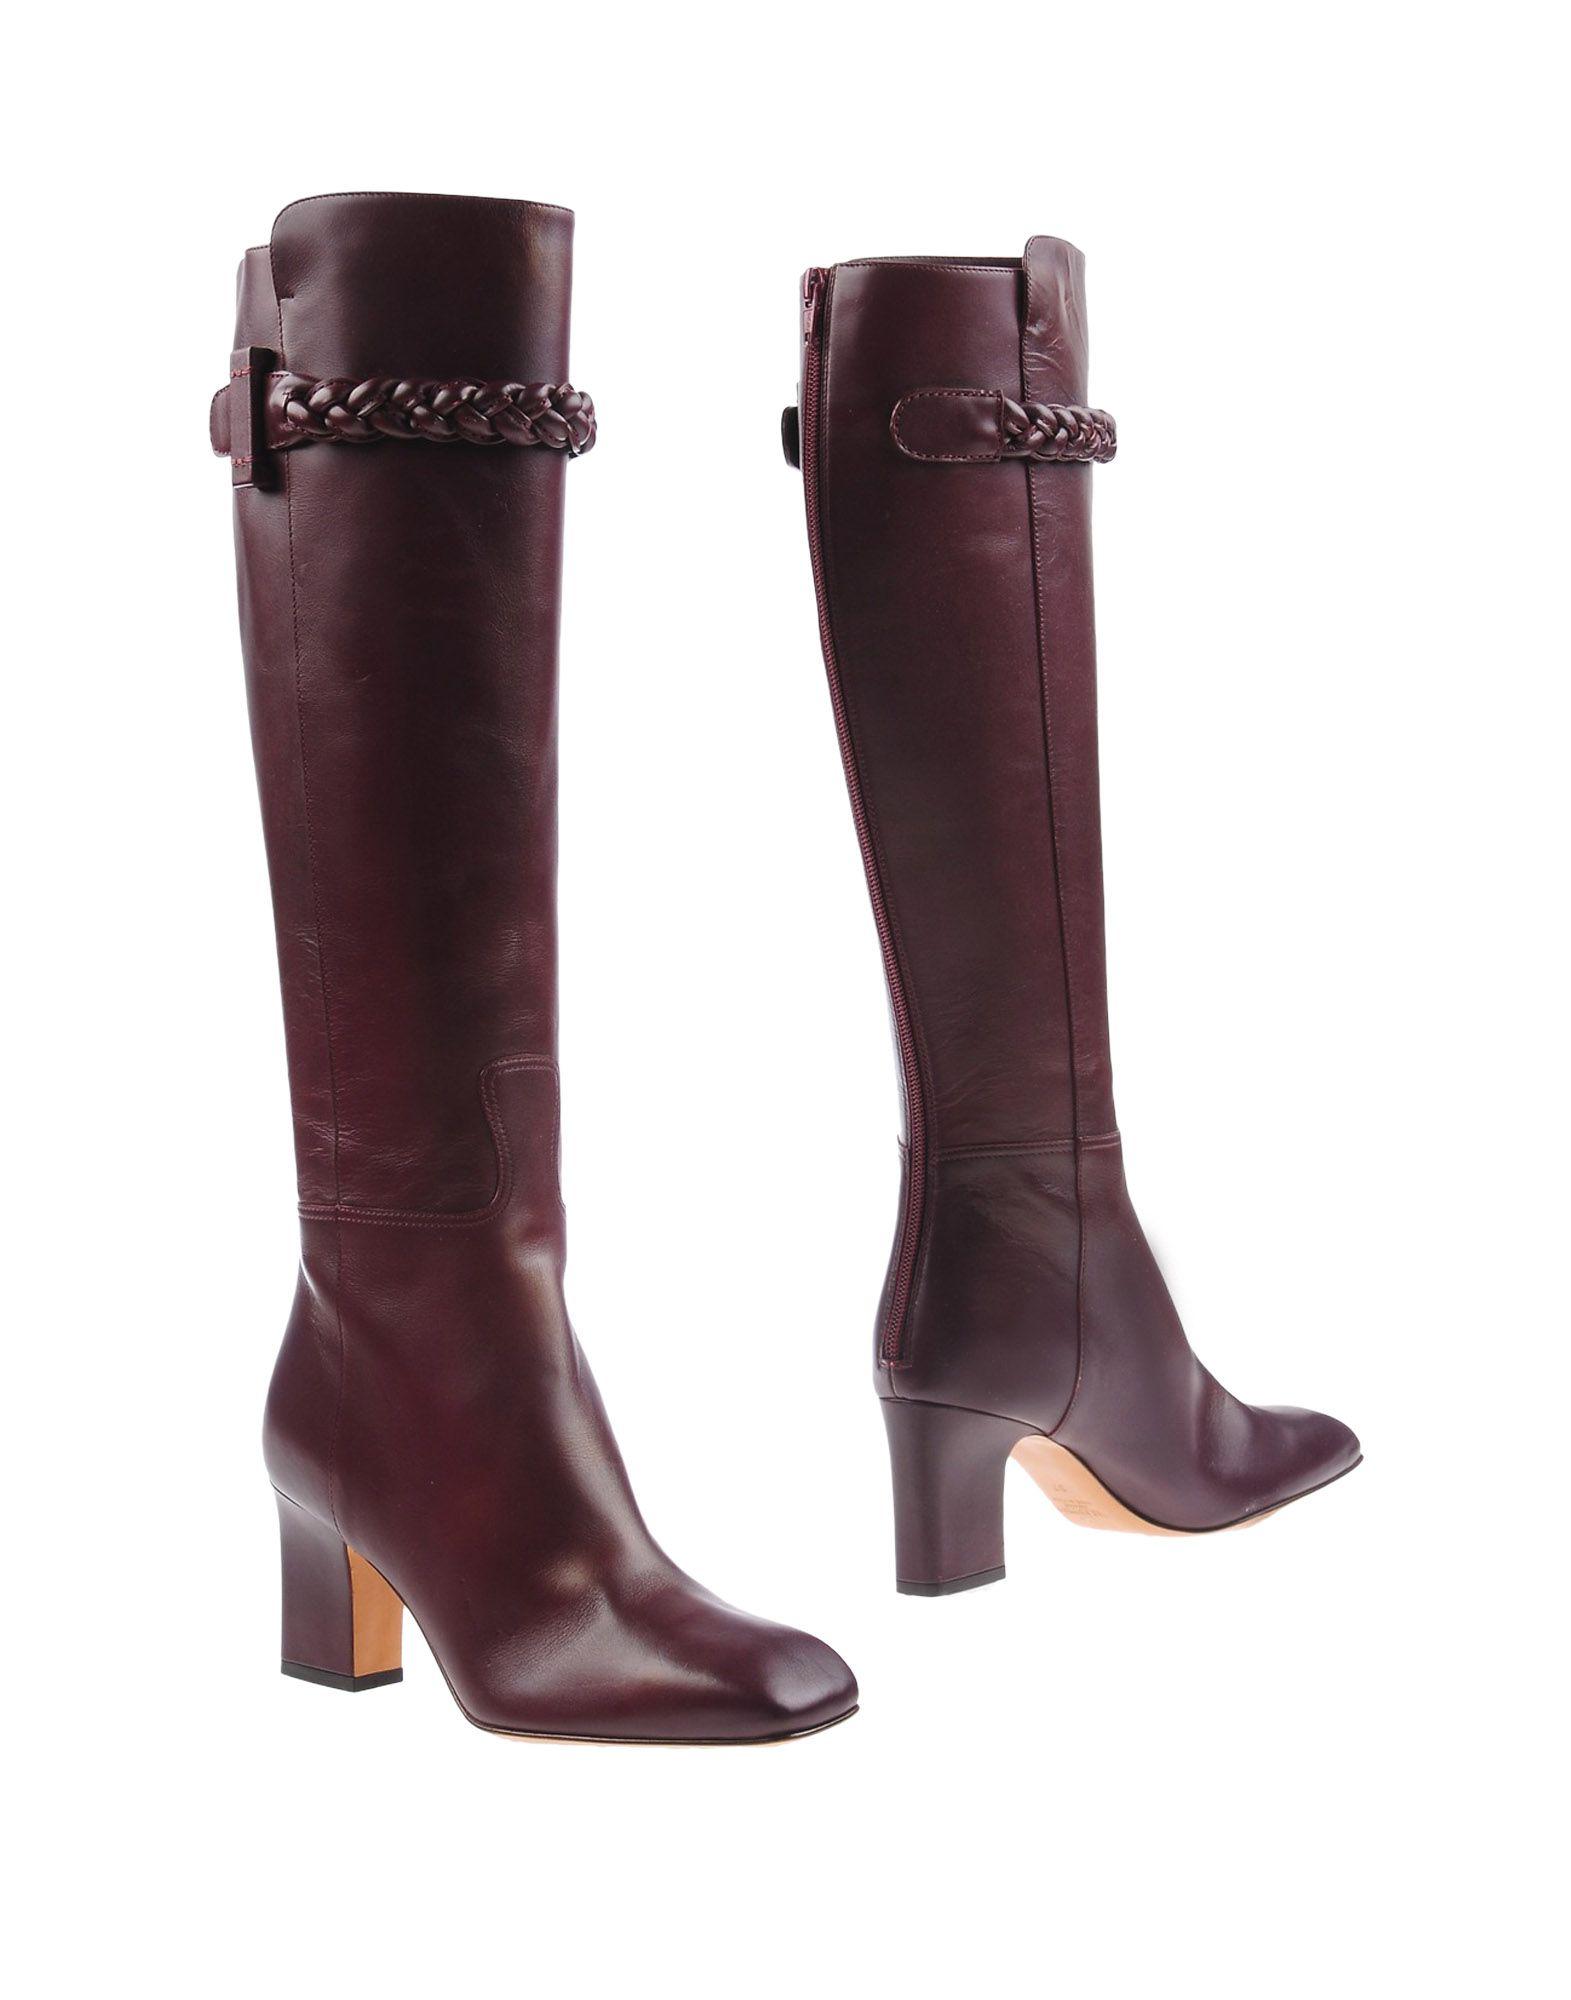 Valentino Neue Garavani Stiefel Damen  11308729TH Neue Valentino Schuhe 228dc6